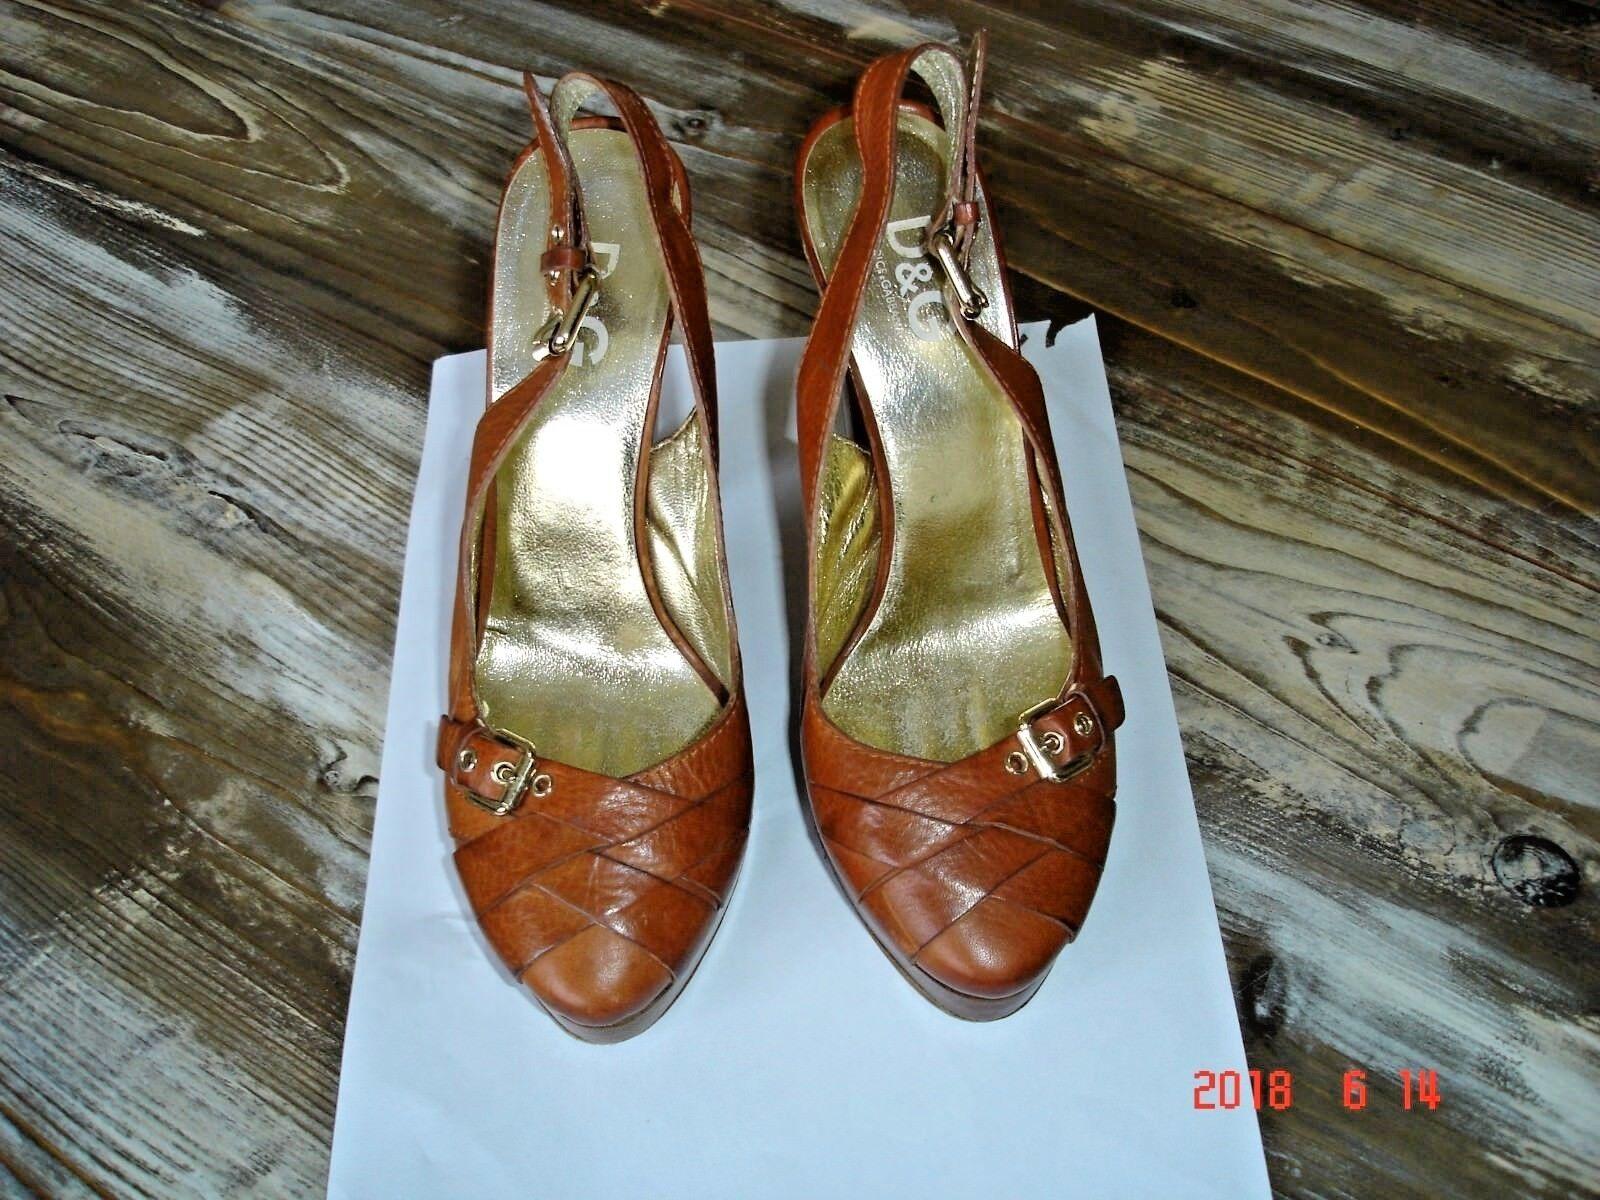 Diseñador Dolce &  Gabbana tan Bloque Tacón zapatos  & /3 3f2f3c